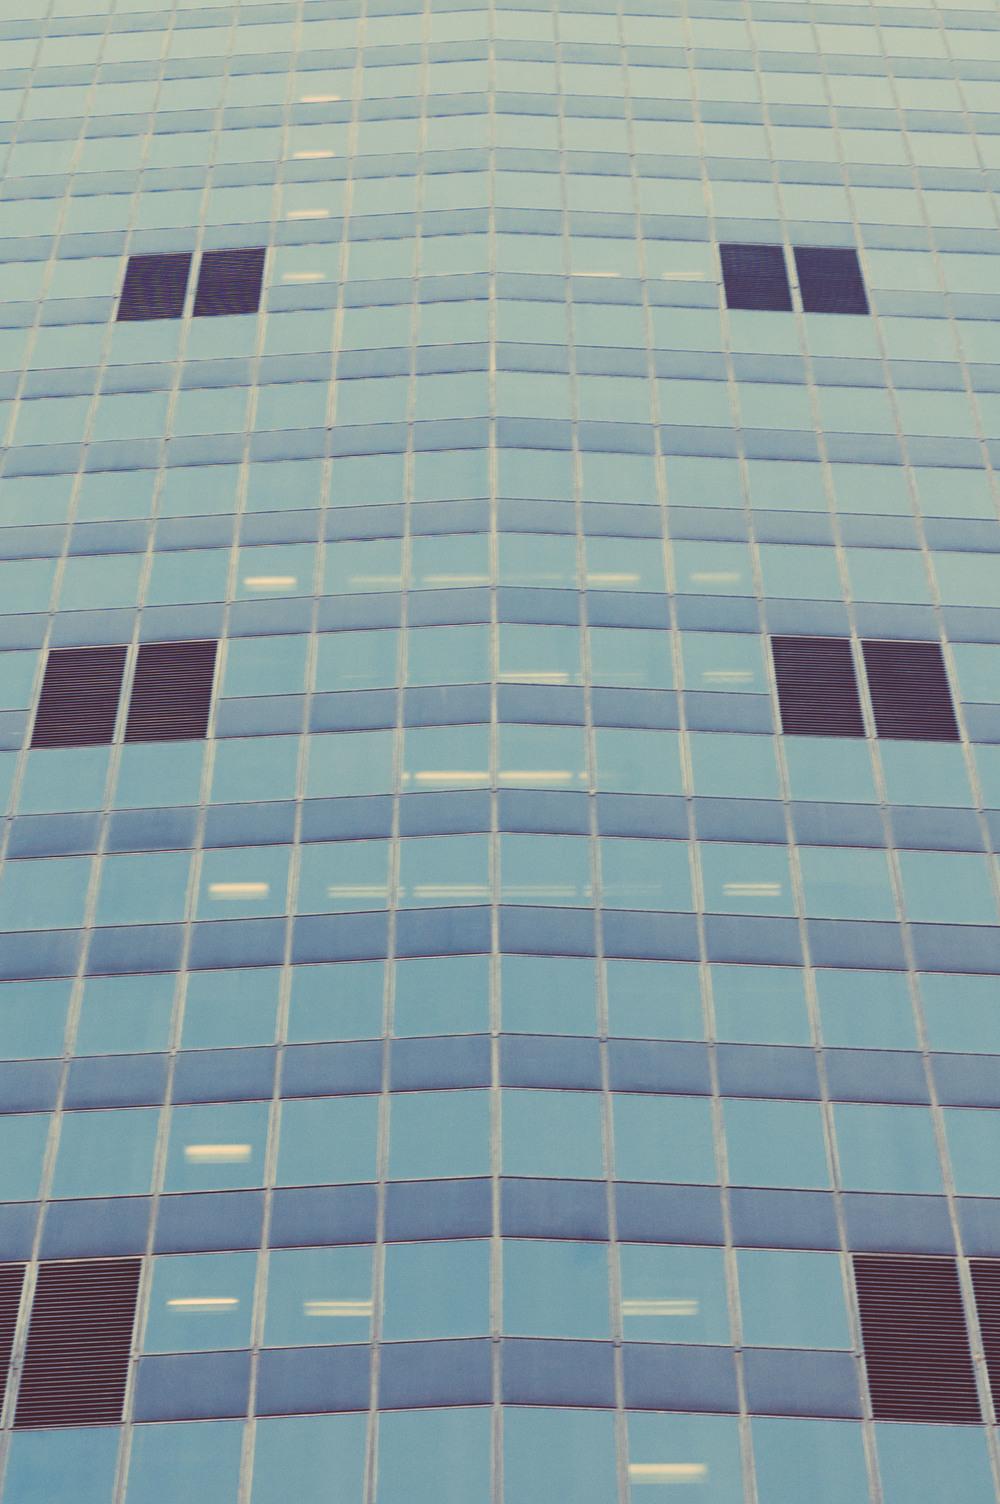 2008_0713_D70_ChicagoBoatTour_DSC_0052.jpg